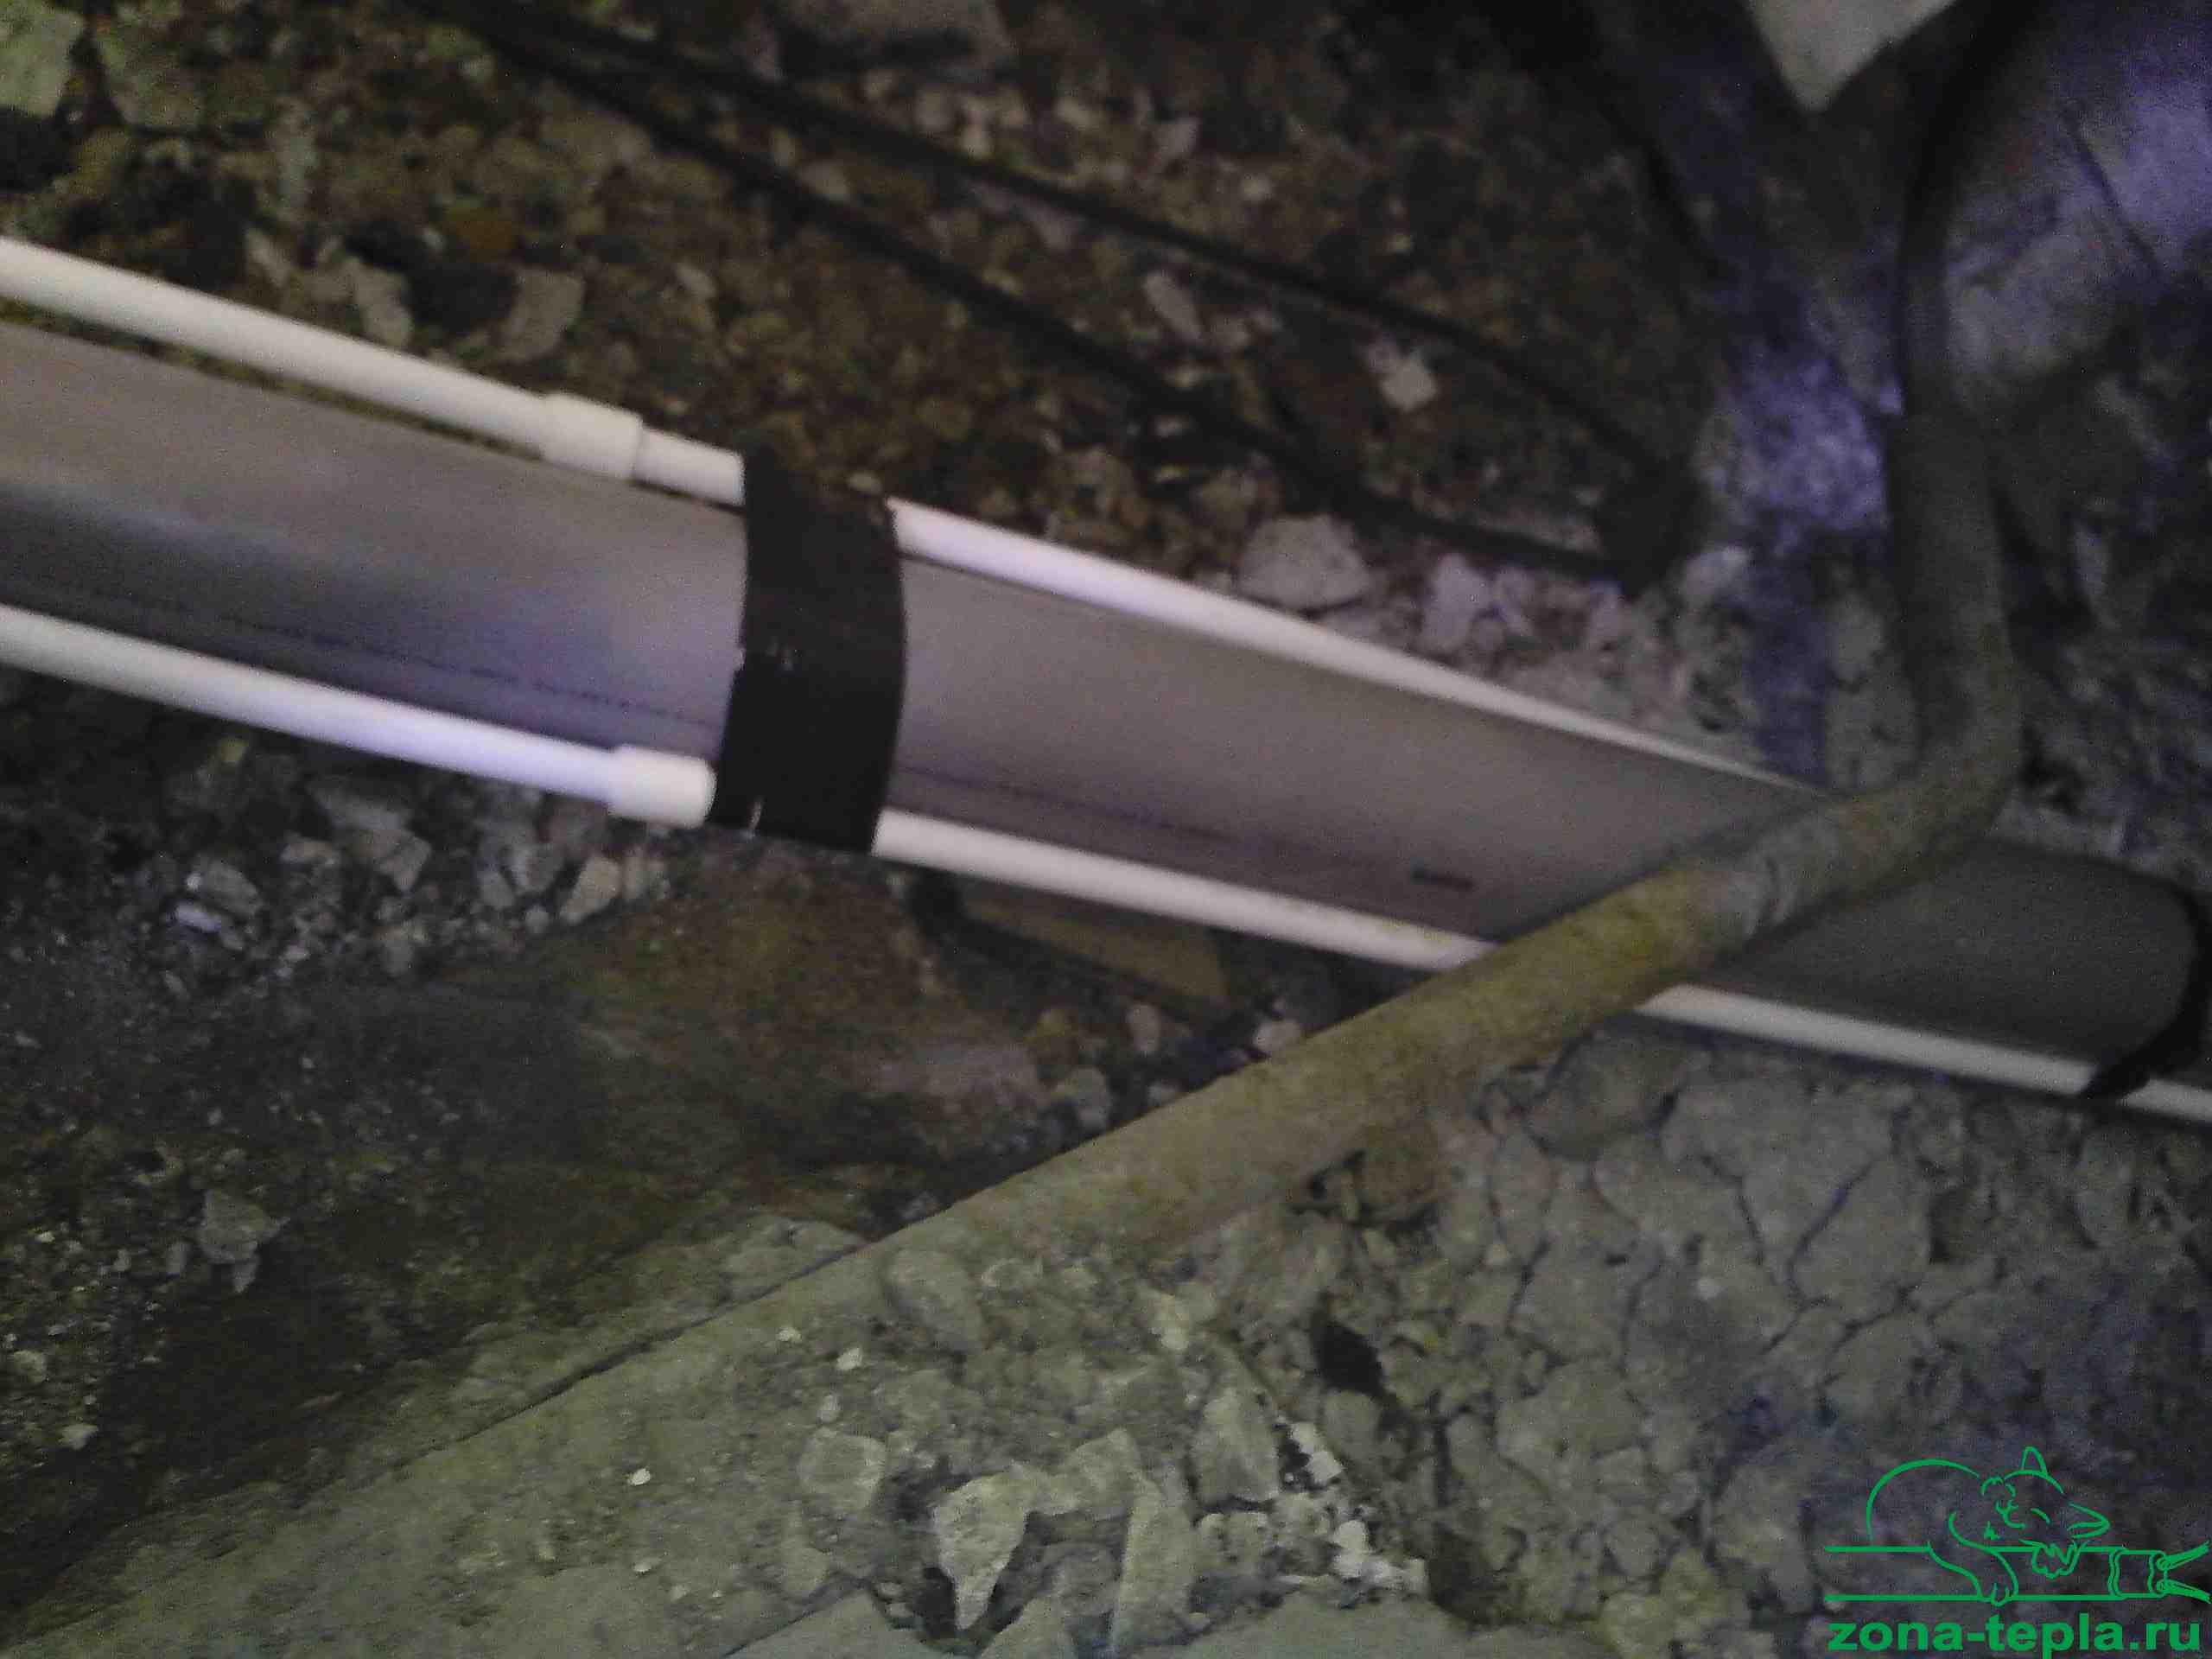 Обогрев водопровода и канализации греющим кабелем-так было